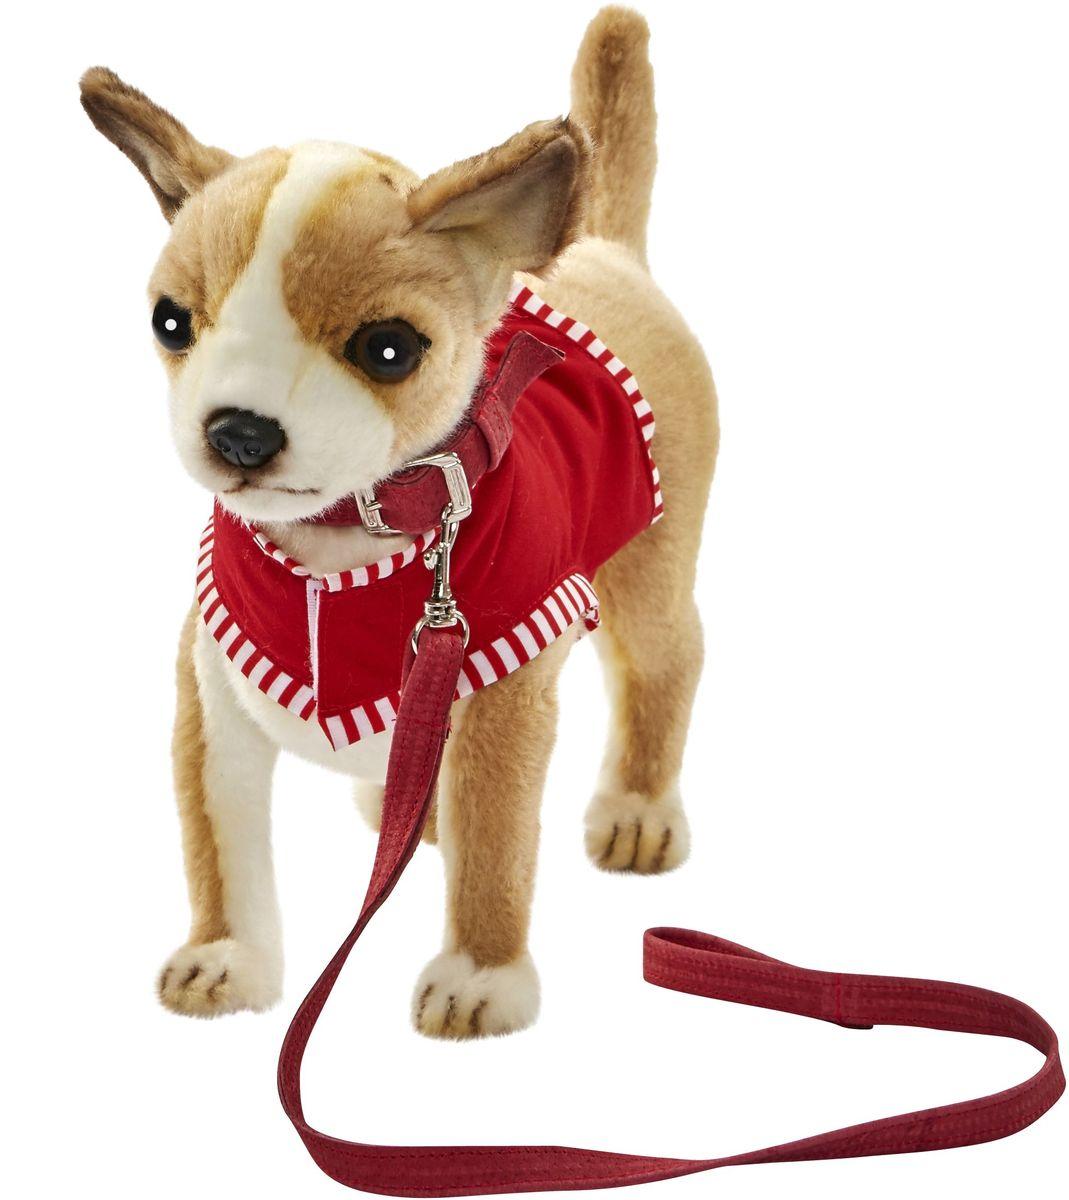 Hansa Мягкая игрушка Чихуахуа цвет красный 27 см в каких зоомагазинах можно в луховицах собаку породы чихуахуа